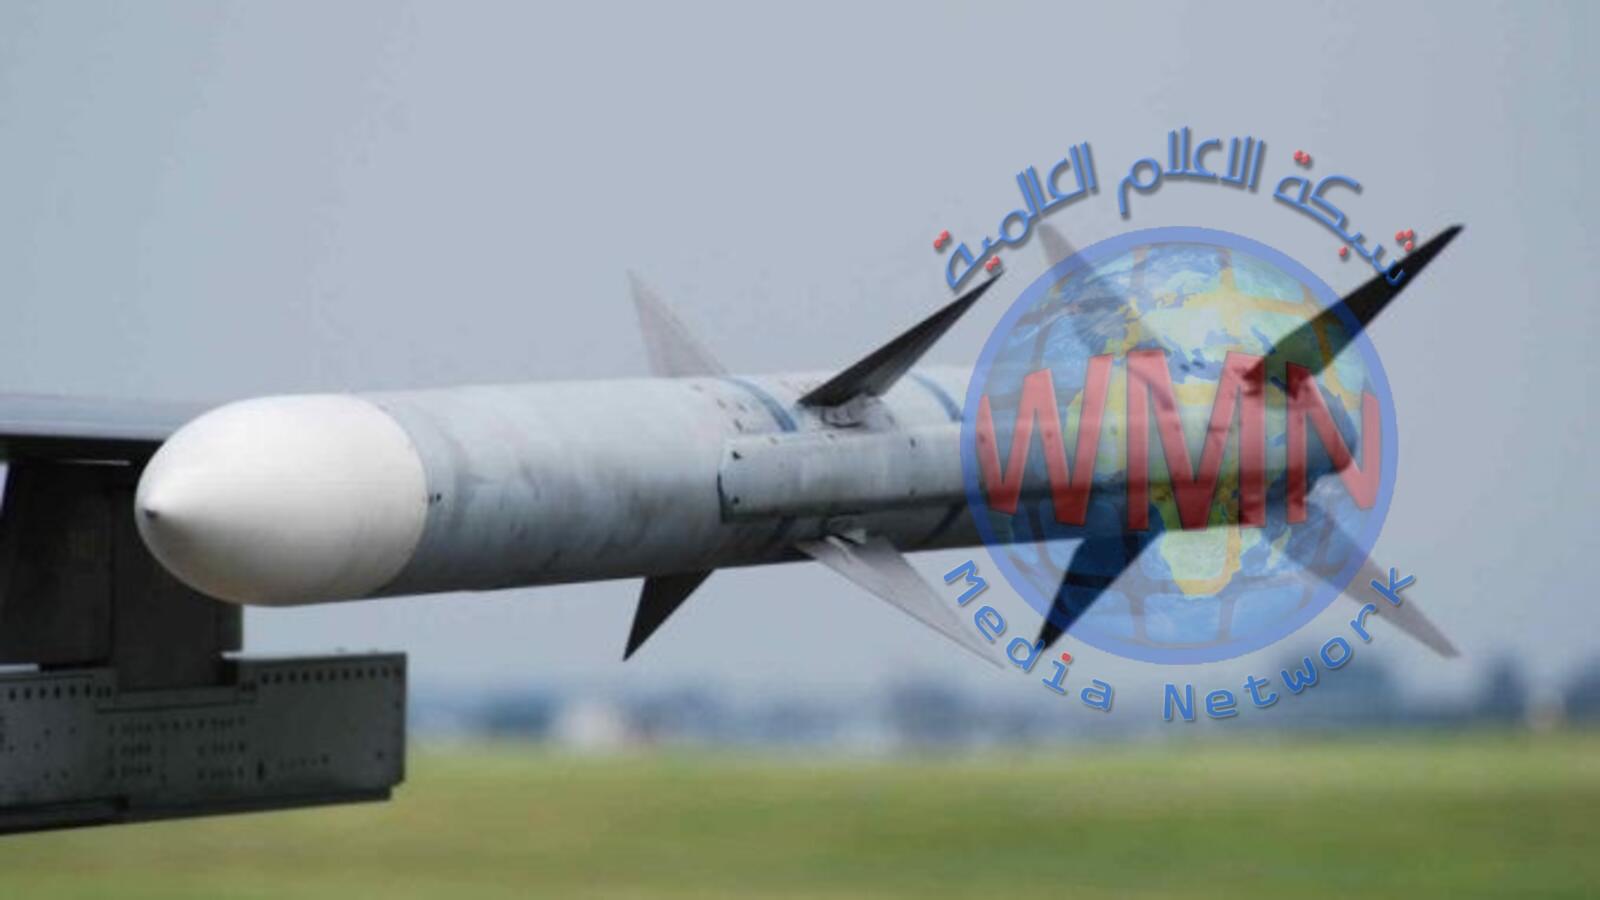 روسيا تقول إنها نشرت أول صواريخ نووية تفوق سرعة الصوت بمراحل